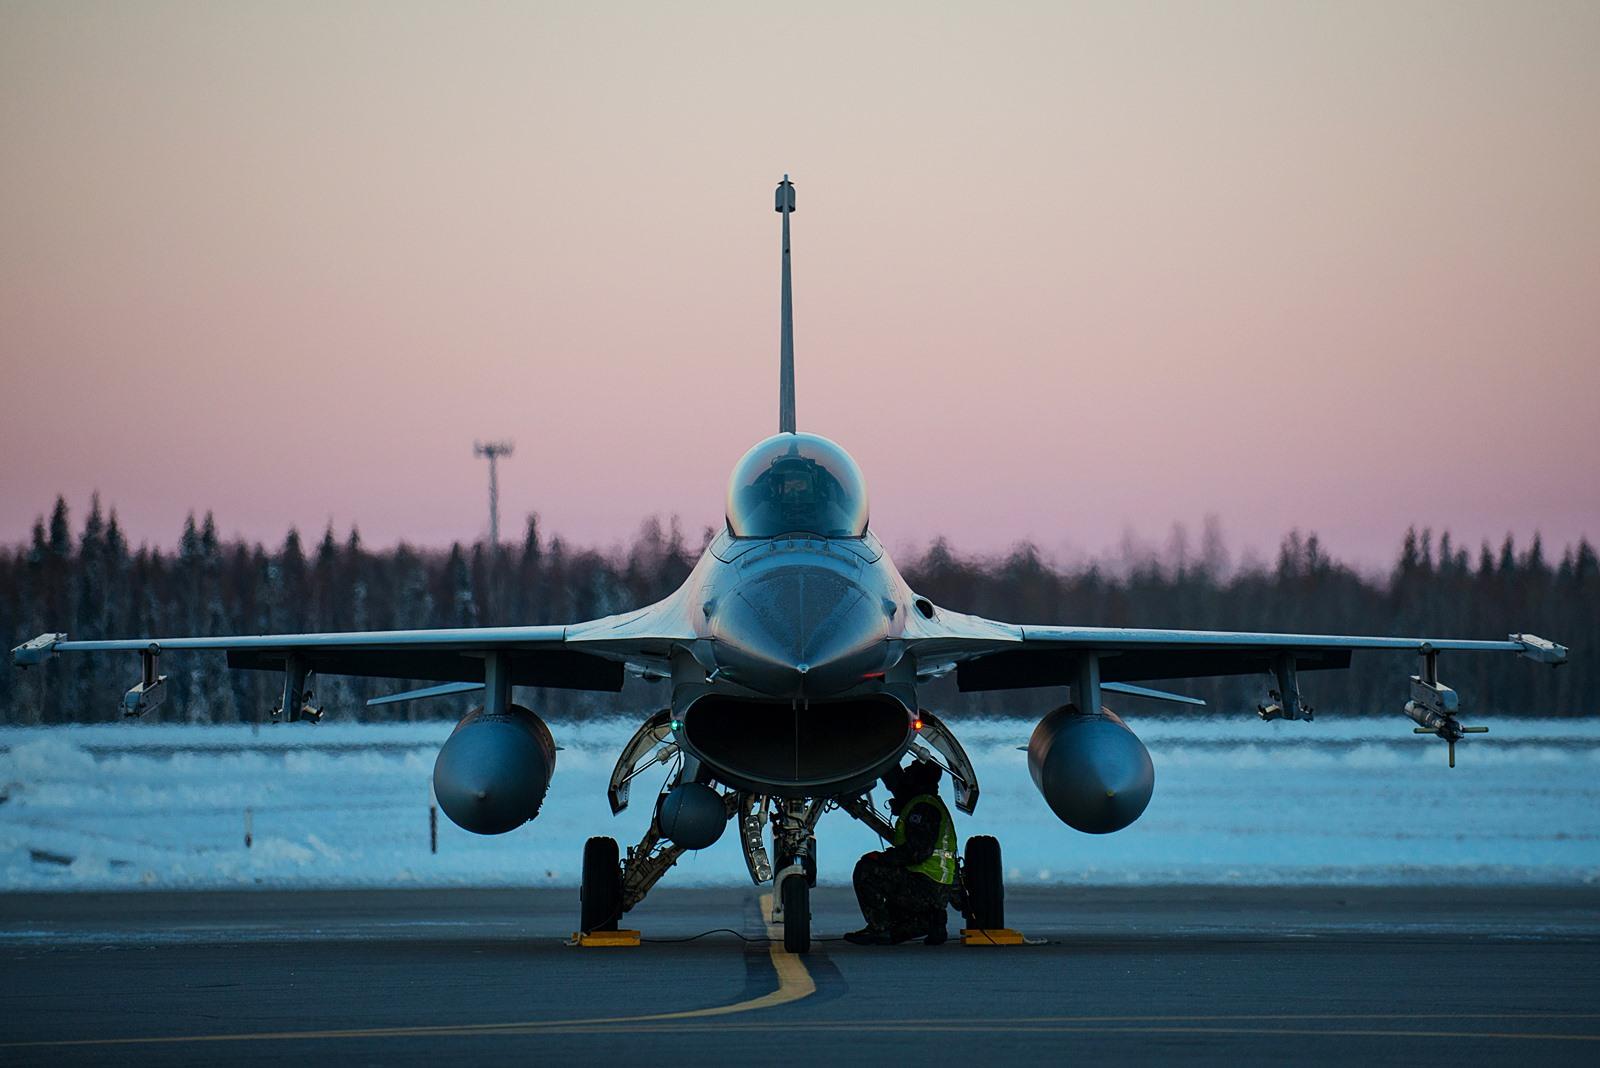 KF-16 개량사업 무산위기, F-35 도입전까지 쉬쉬..